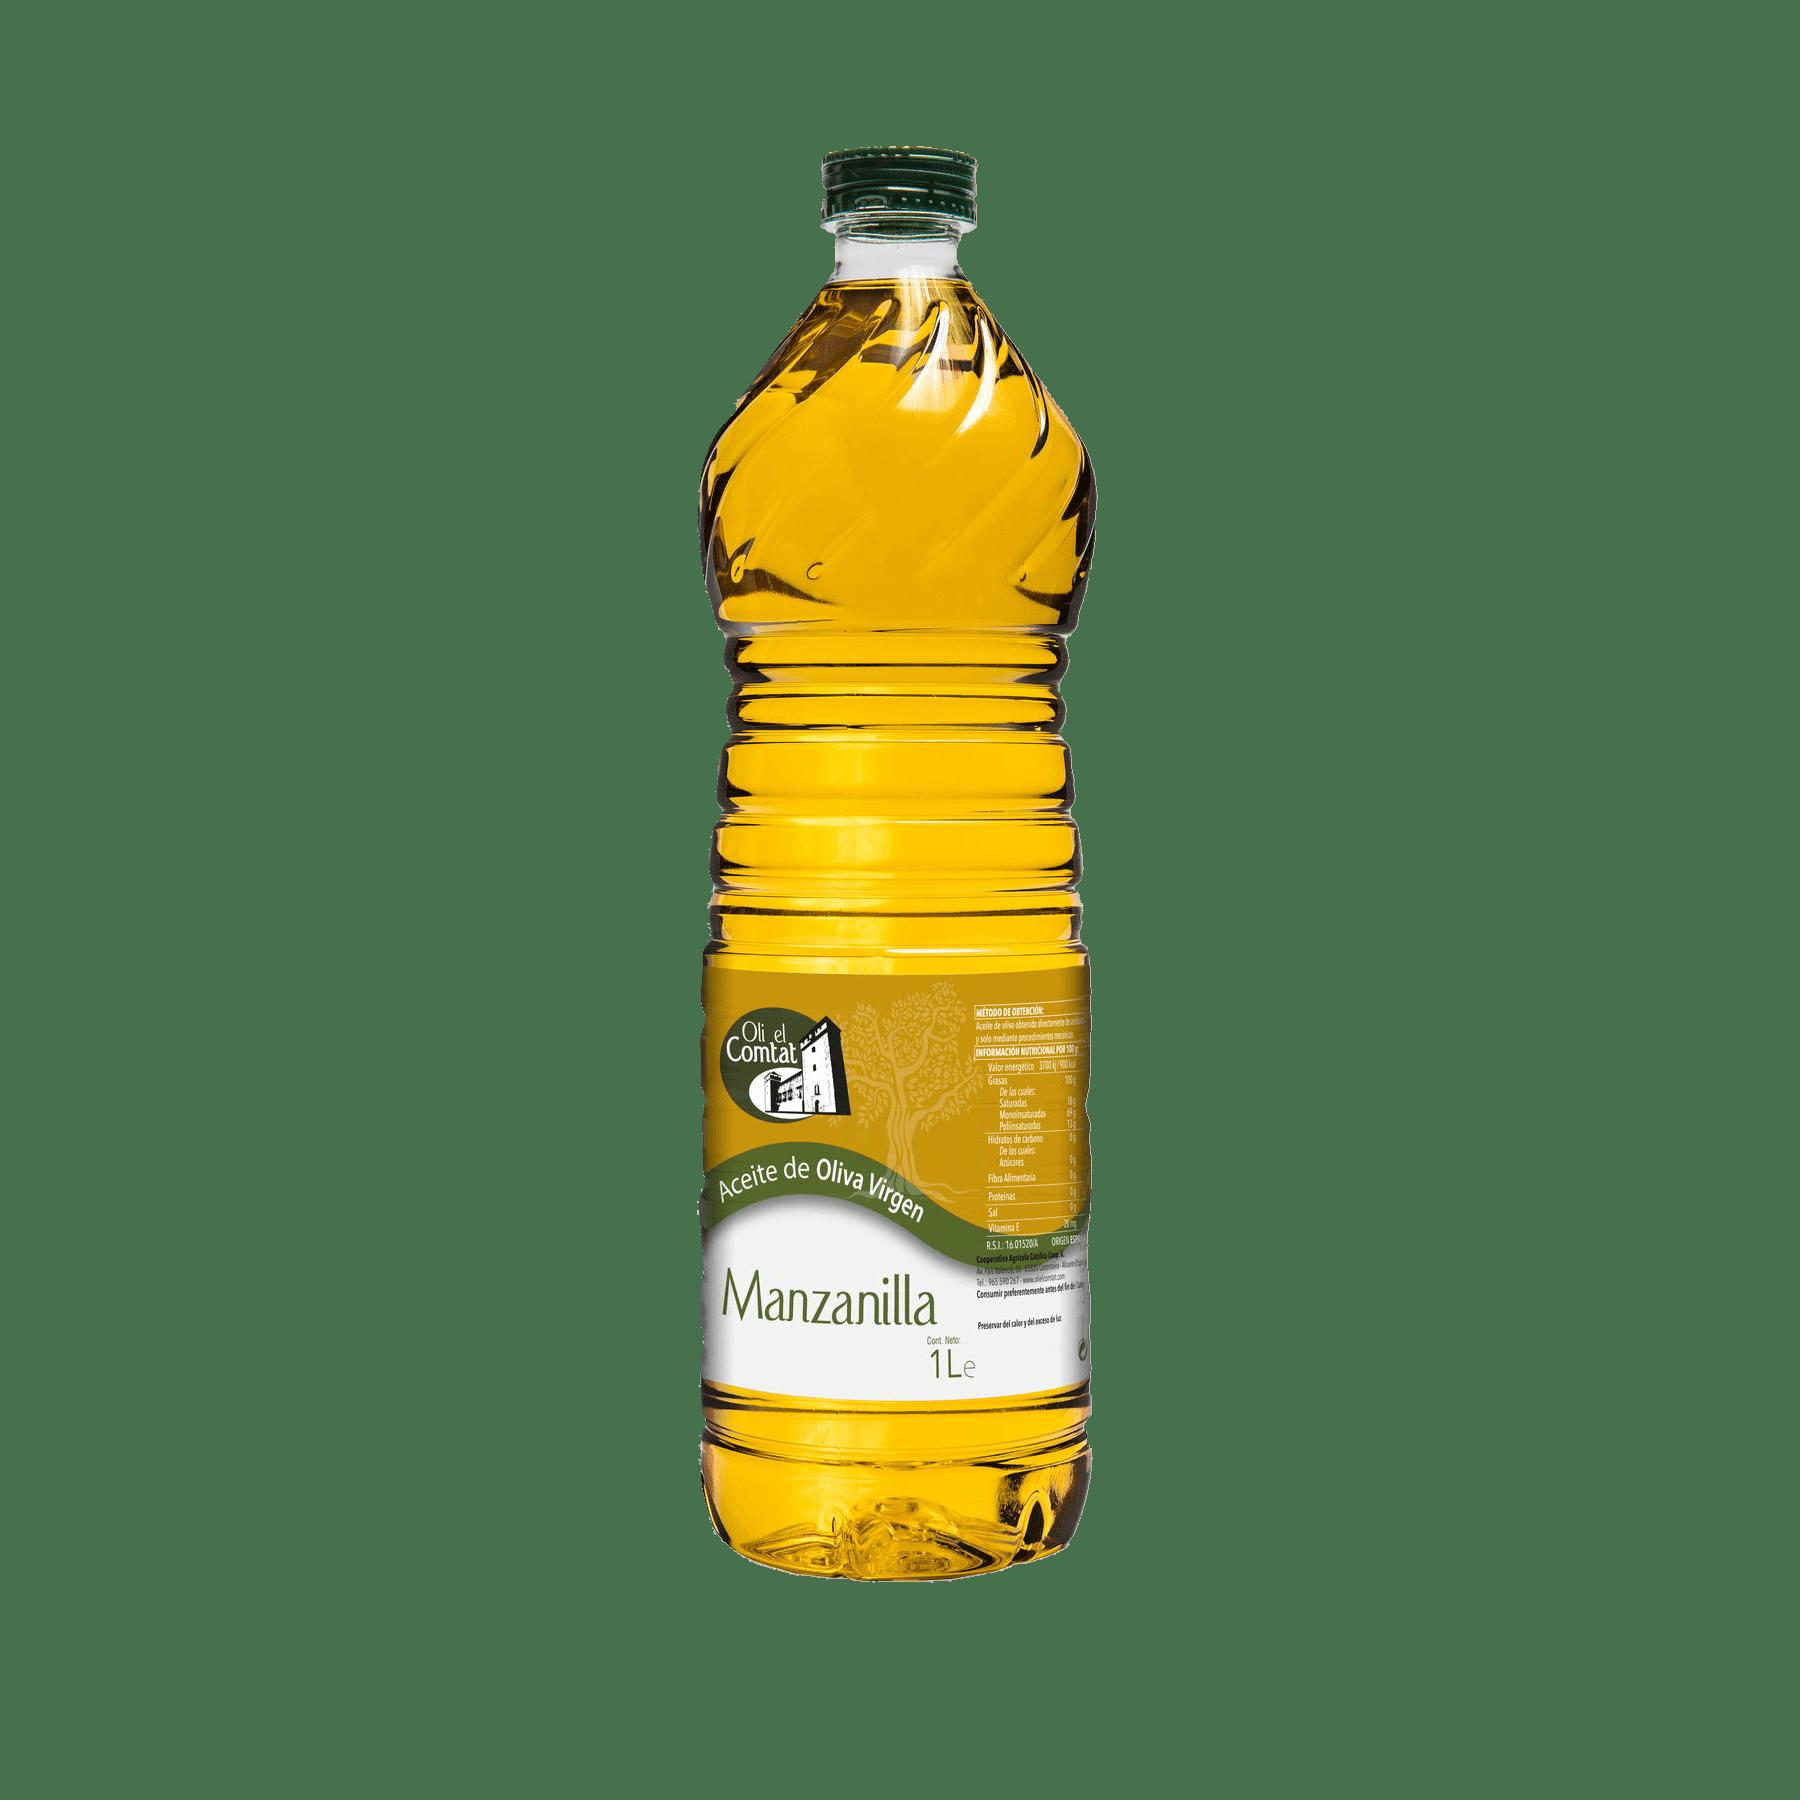 Aceite_ de_oliva_manzanilla_1l